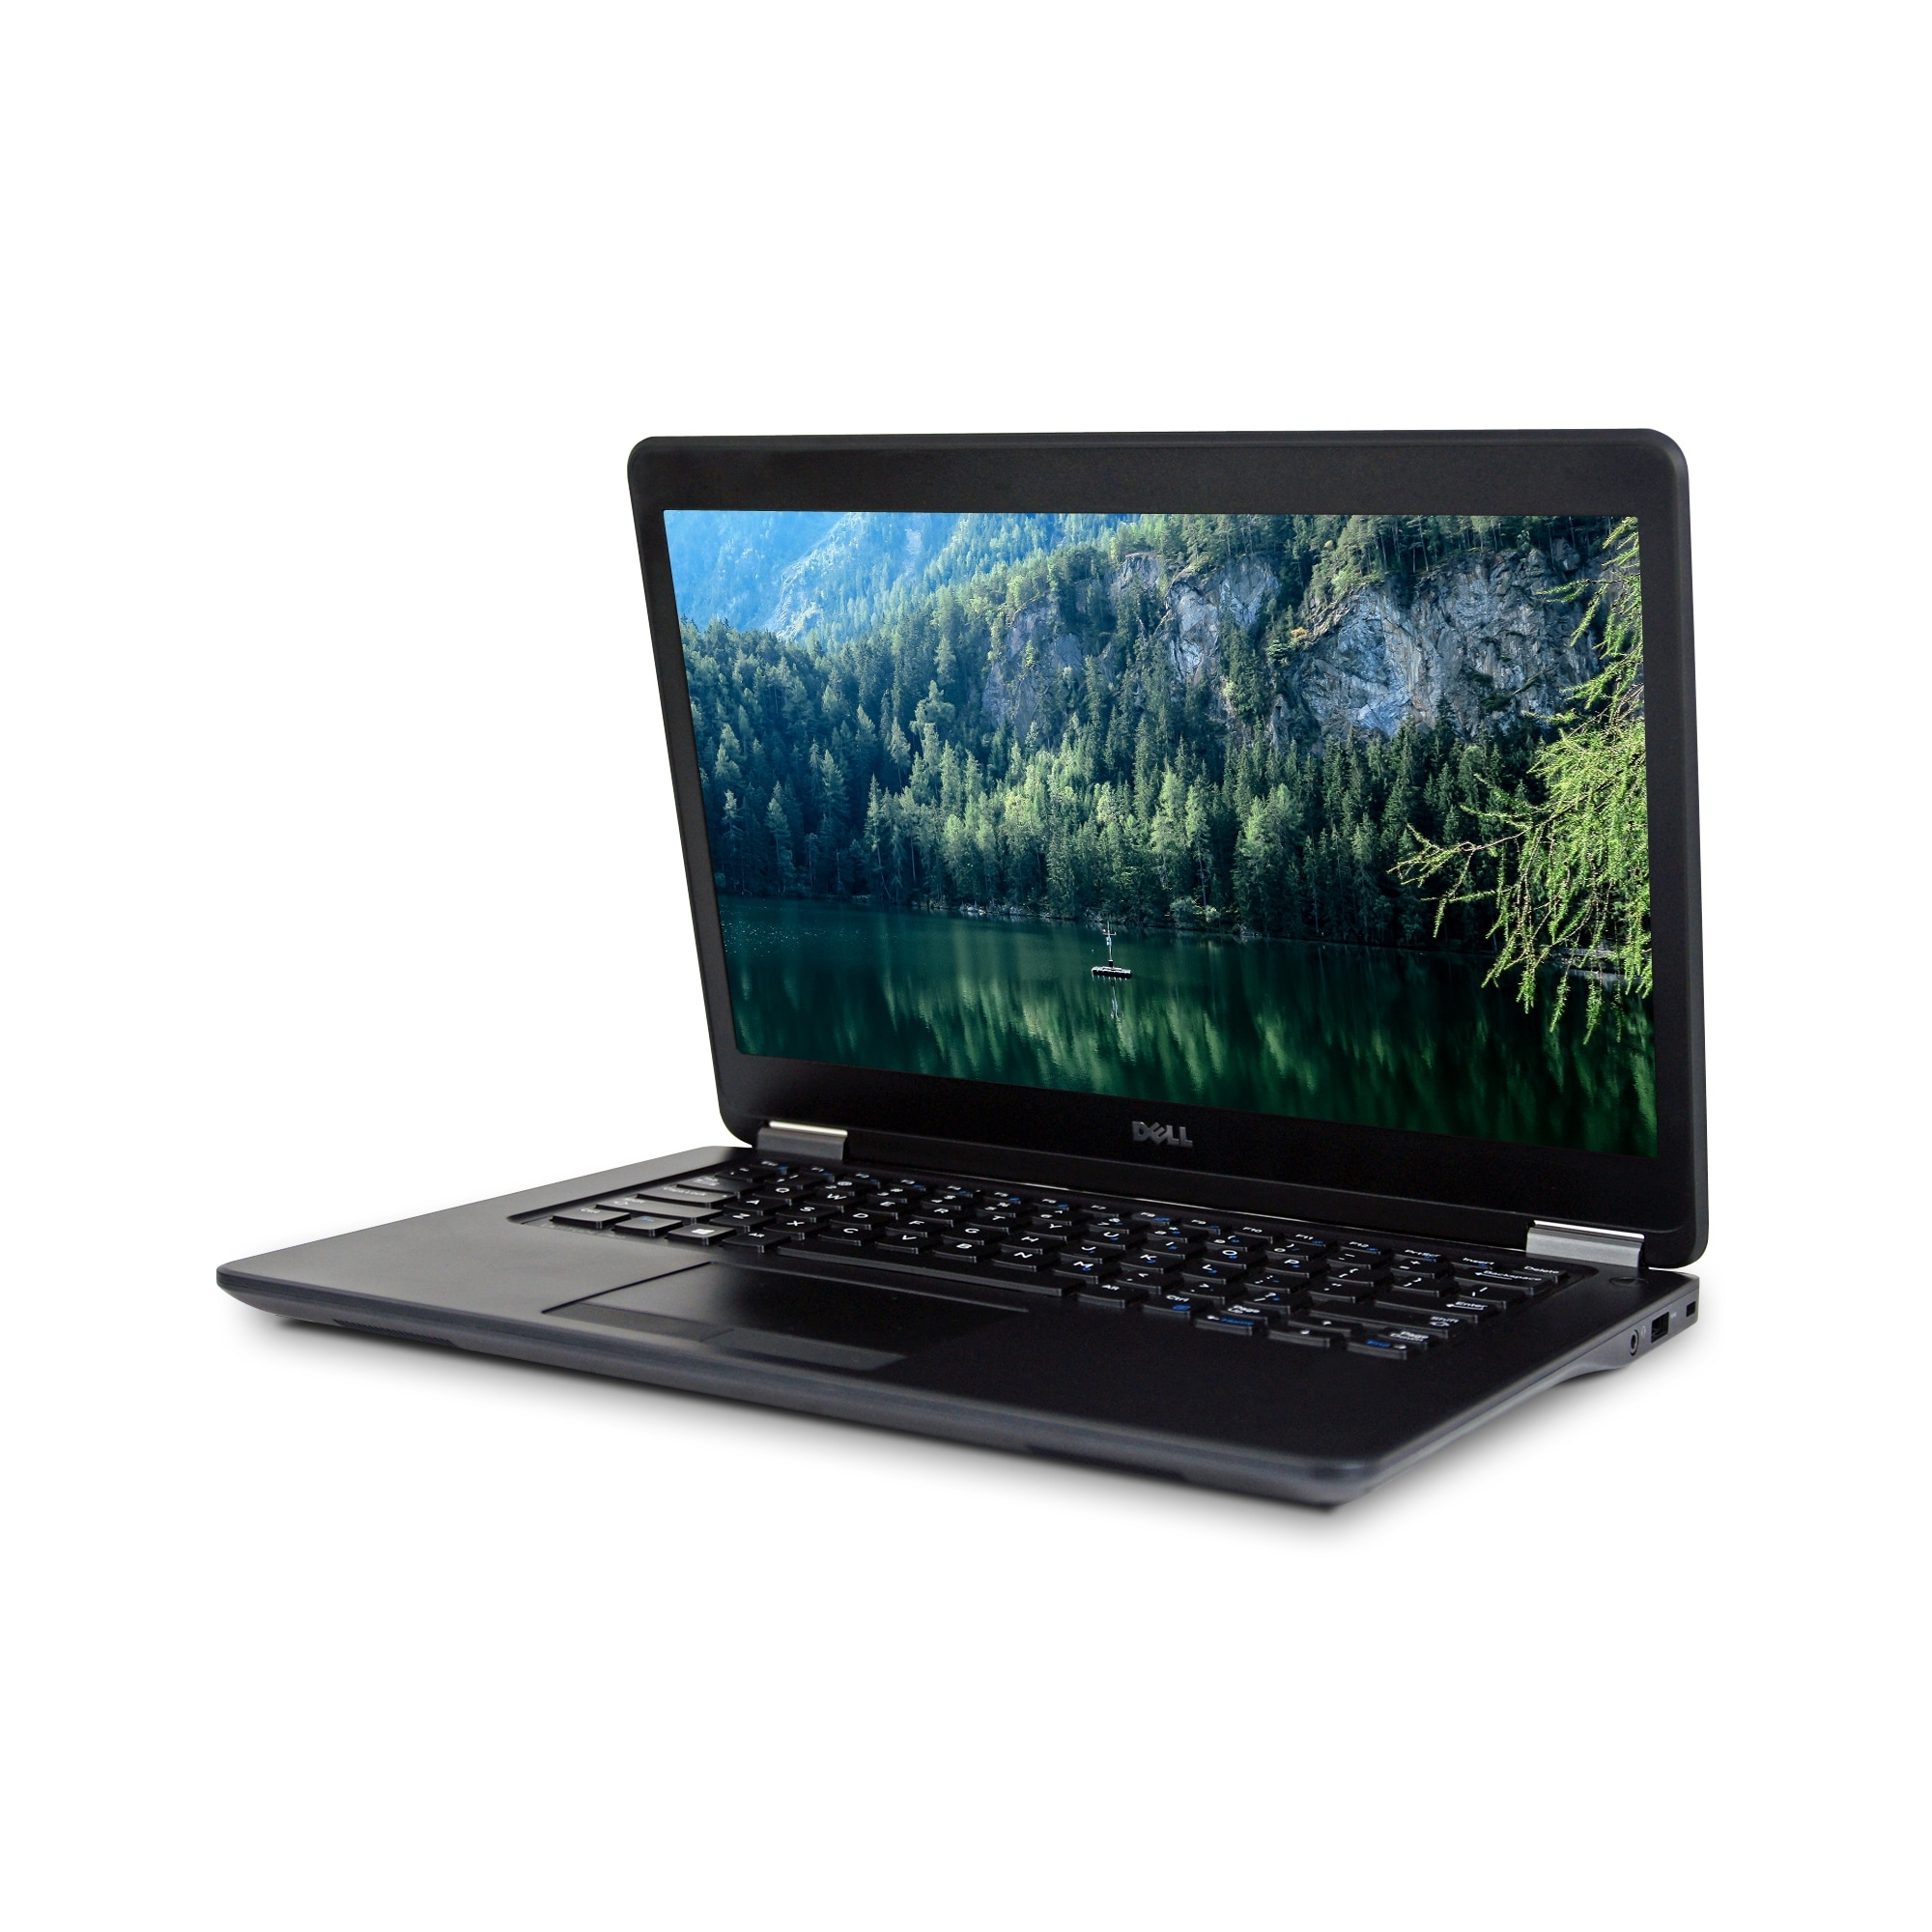 Dell Latitude E7450 Core i5-5300U 2 3GHz 8GB RAM 256GB SSD Win 10 Pro  14-inch Ultrabook (Refurbished)